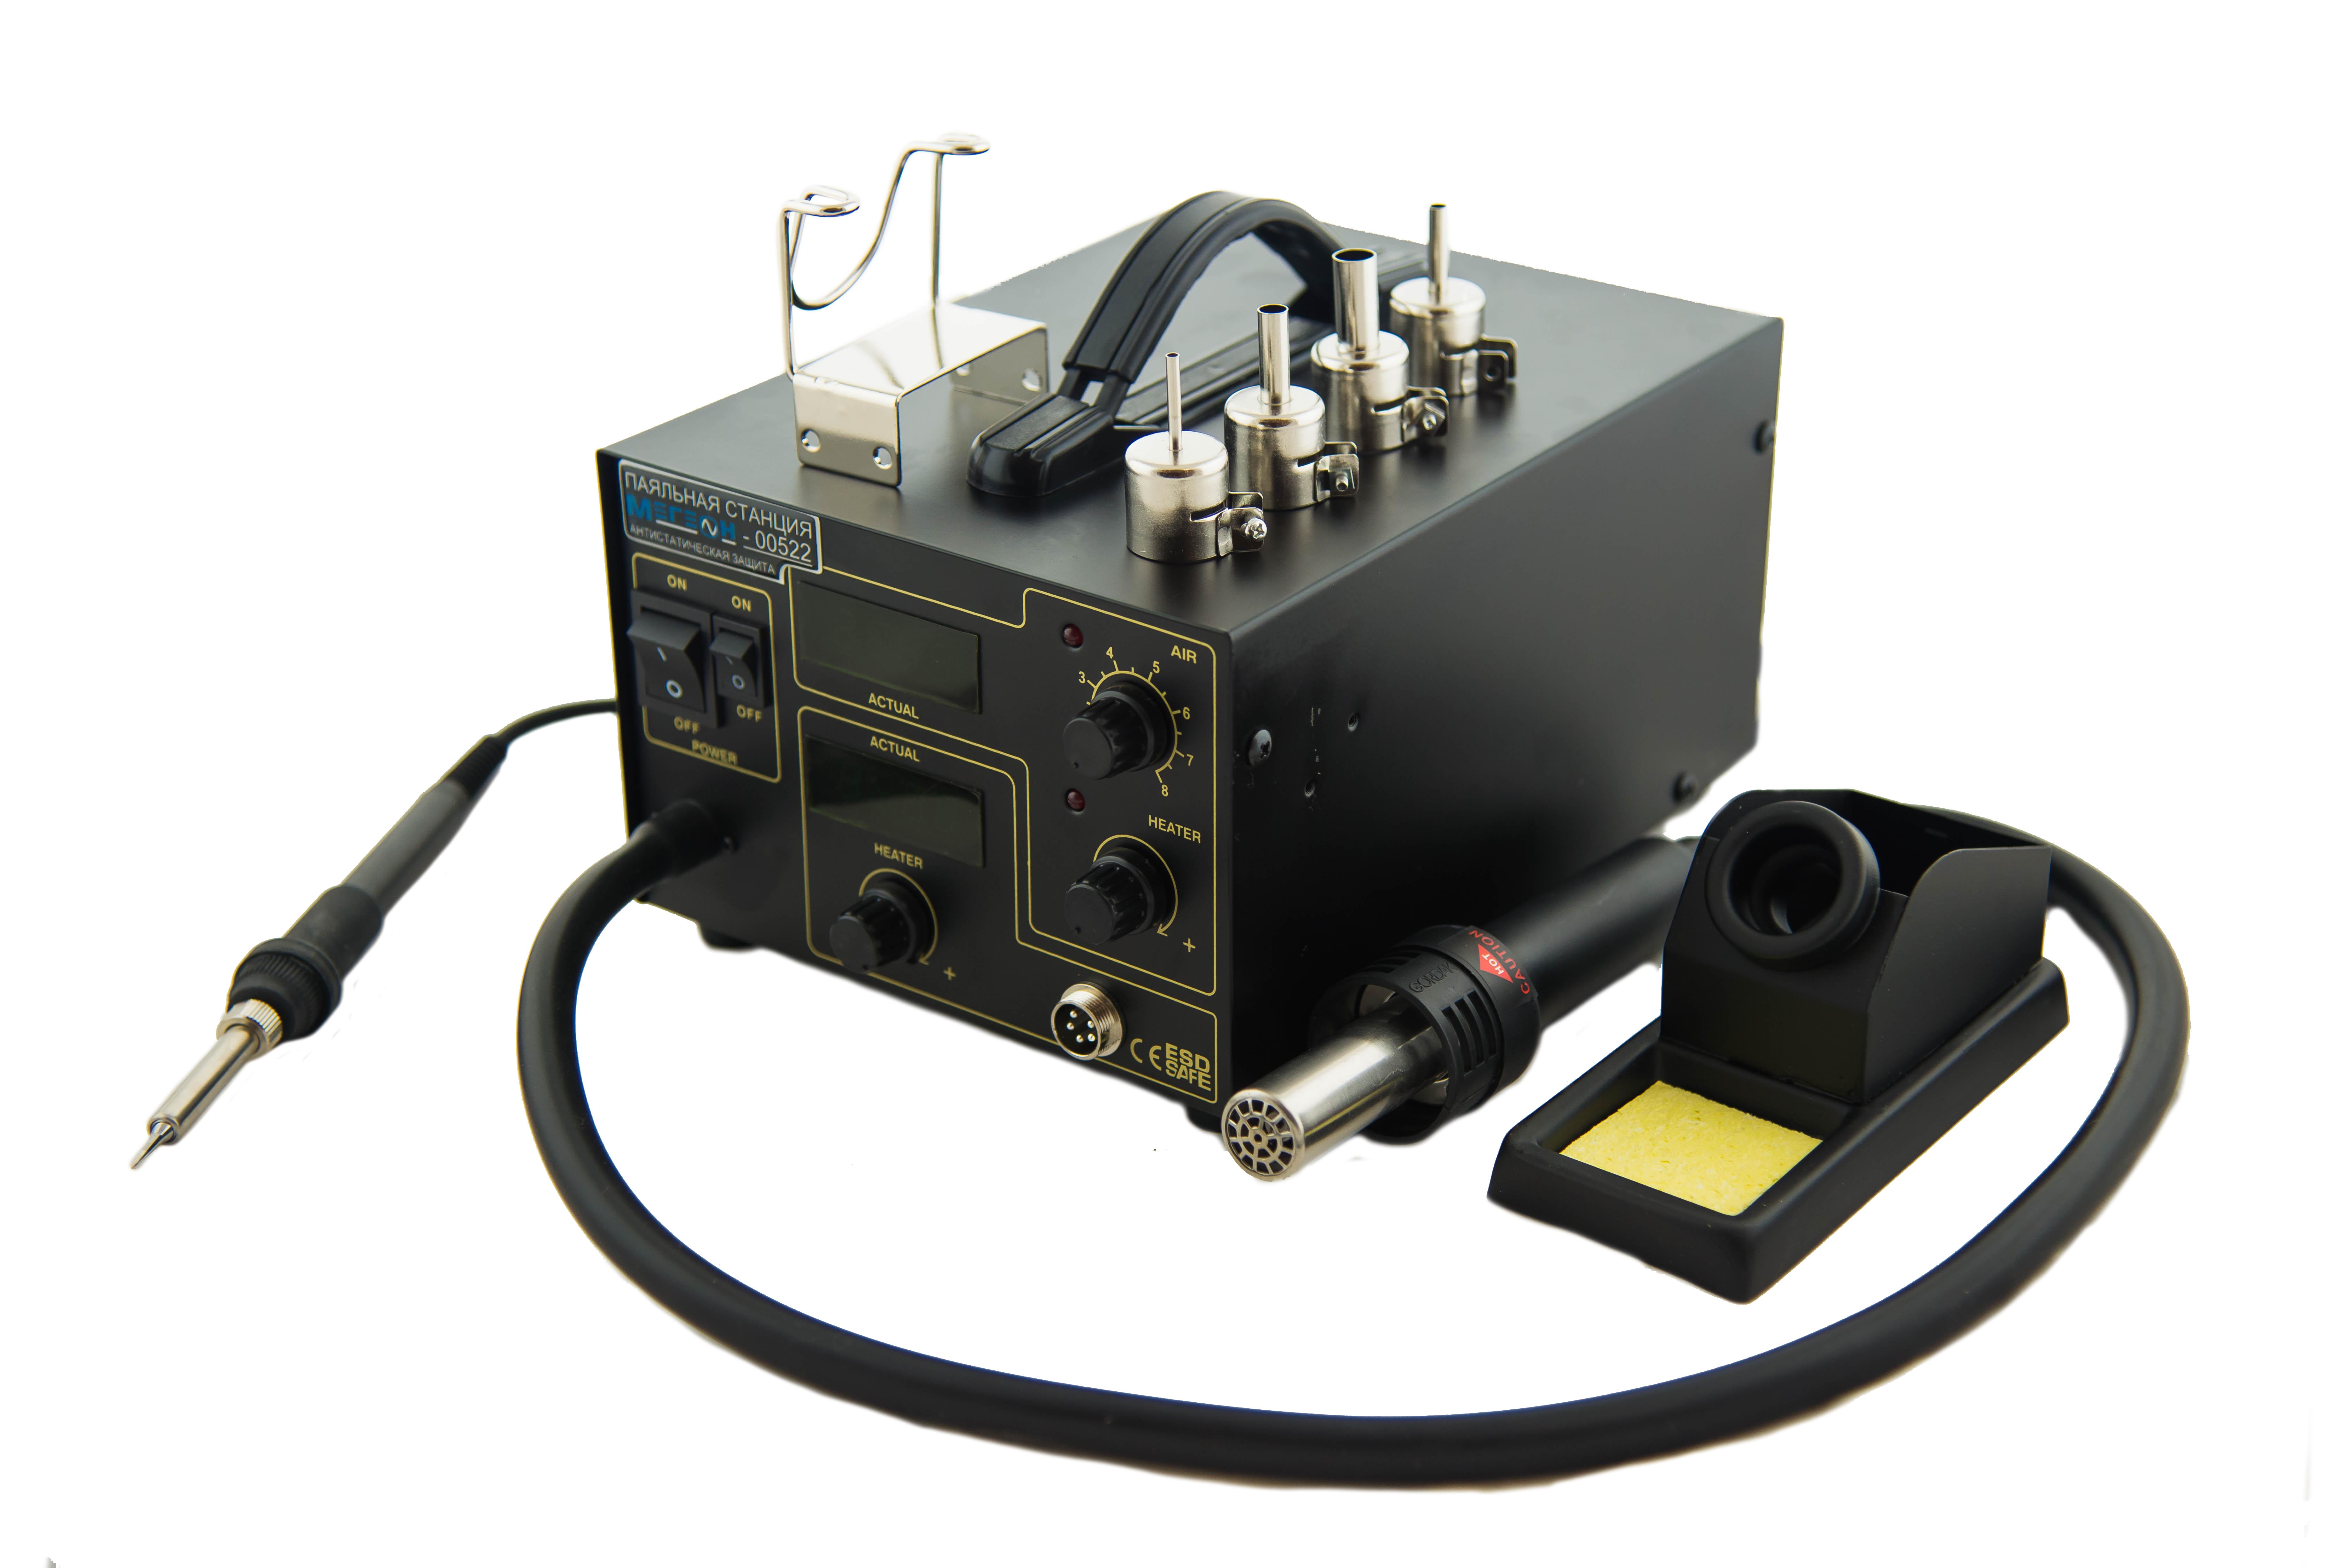 Паяльная станция МЕГЕОН 00522 станция паяльная ремонтная smd термовоздушная мегеон 00580